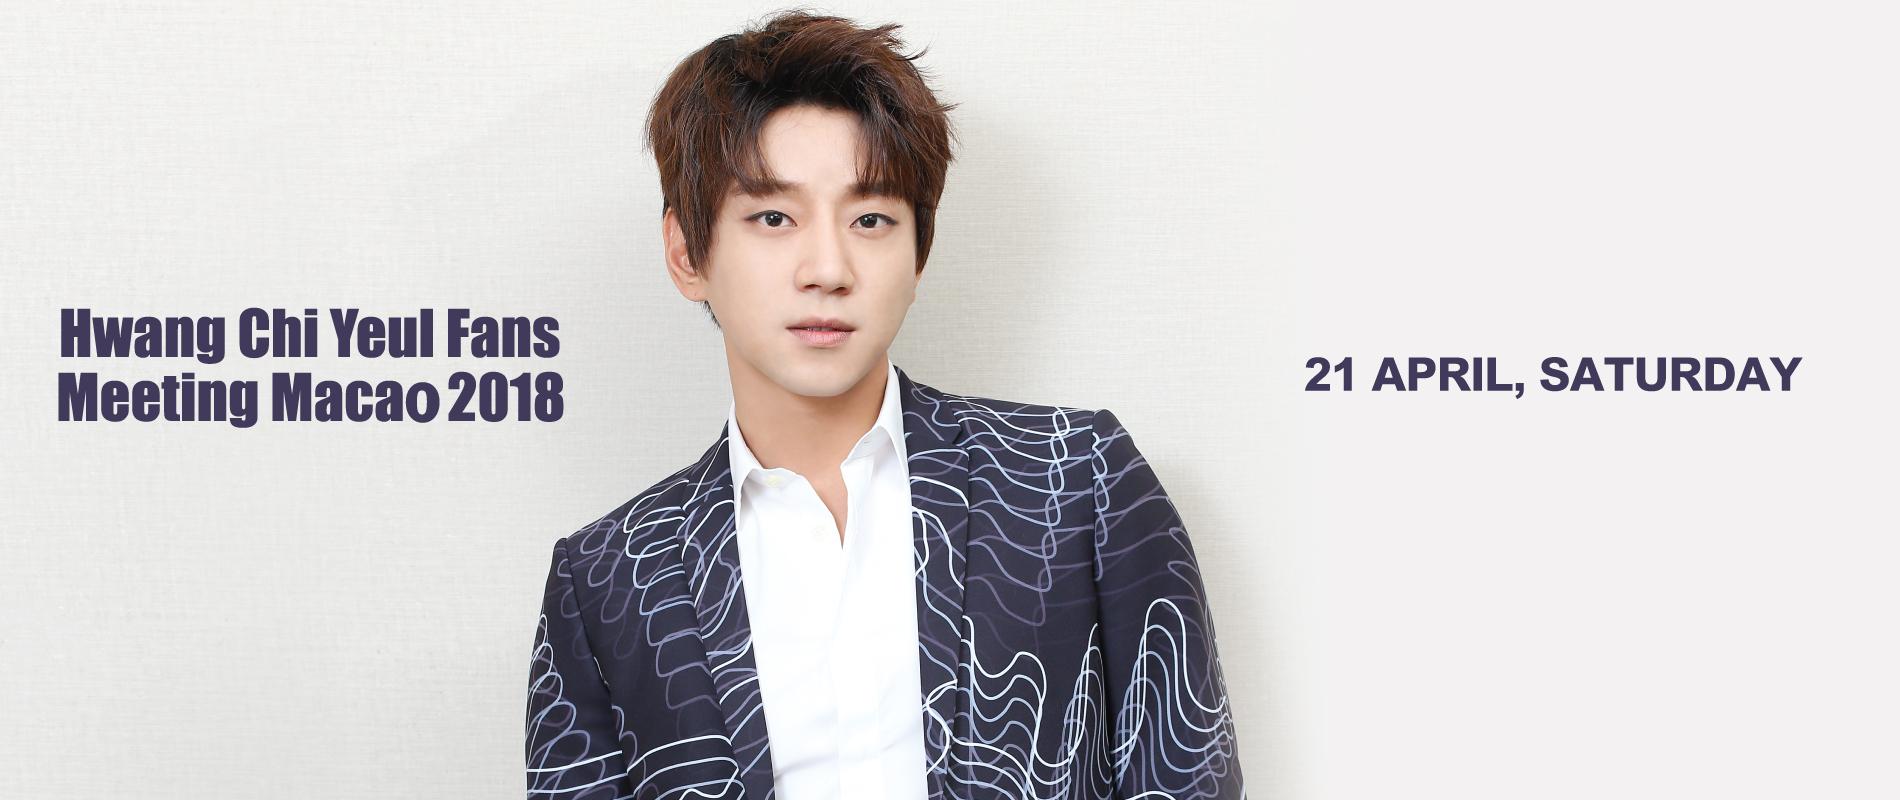 Hwang Chi Yeul Fans Meeting Macao 2018